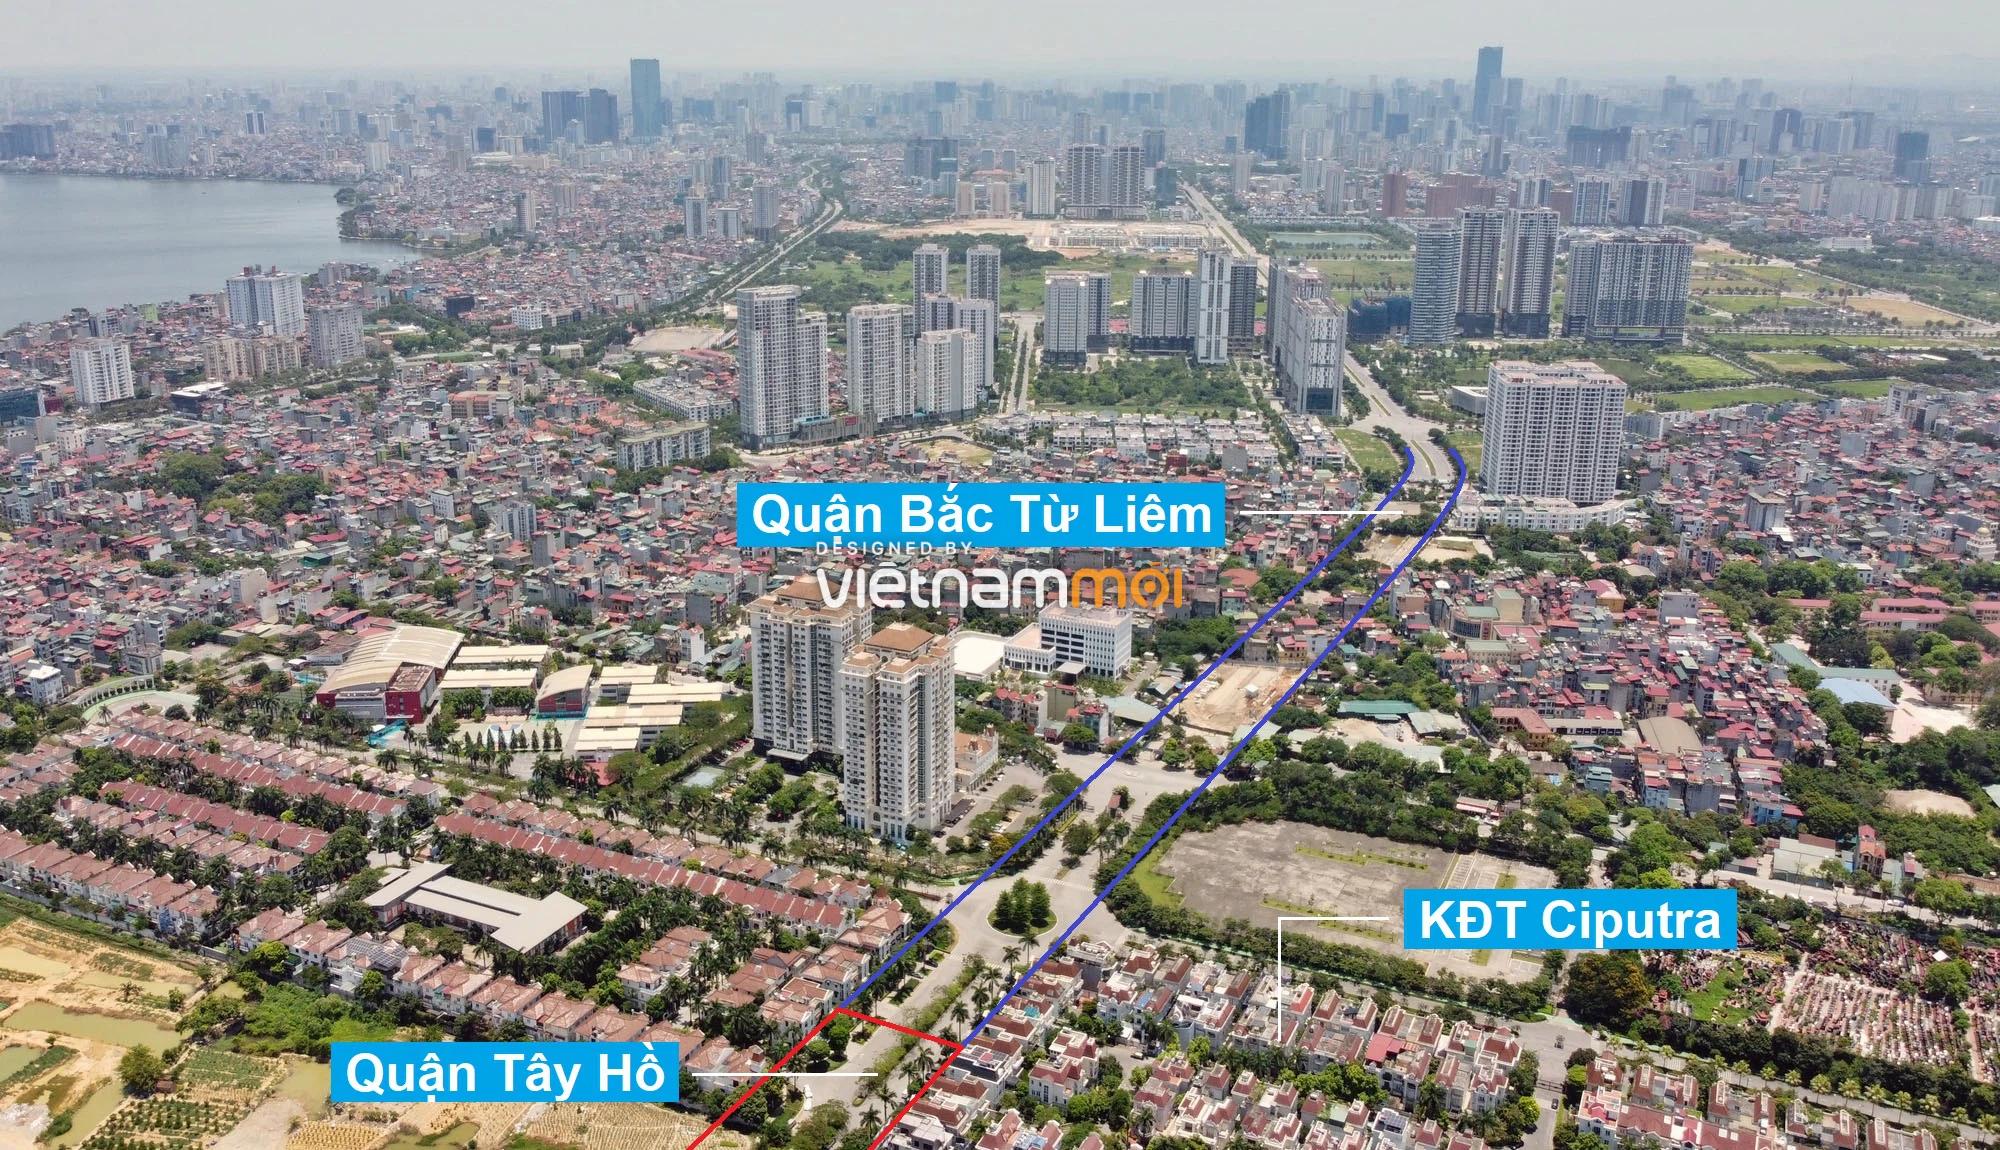 Vành đai 2,5 sẽ mở theo quy hoạch qua quận Tây Hồ, Hà Nội - Ảnh 1.